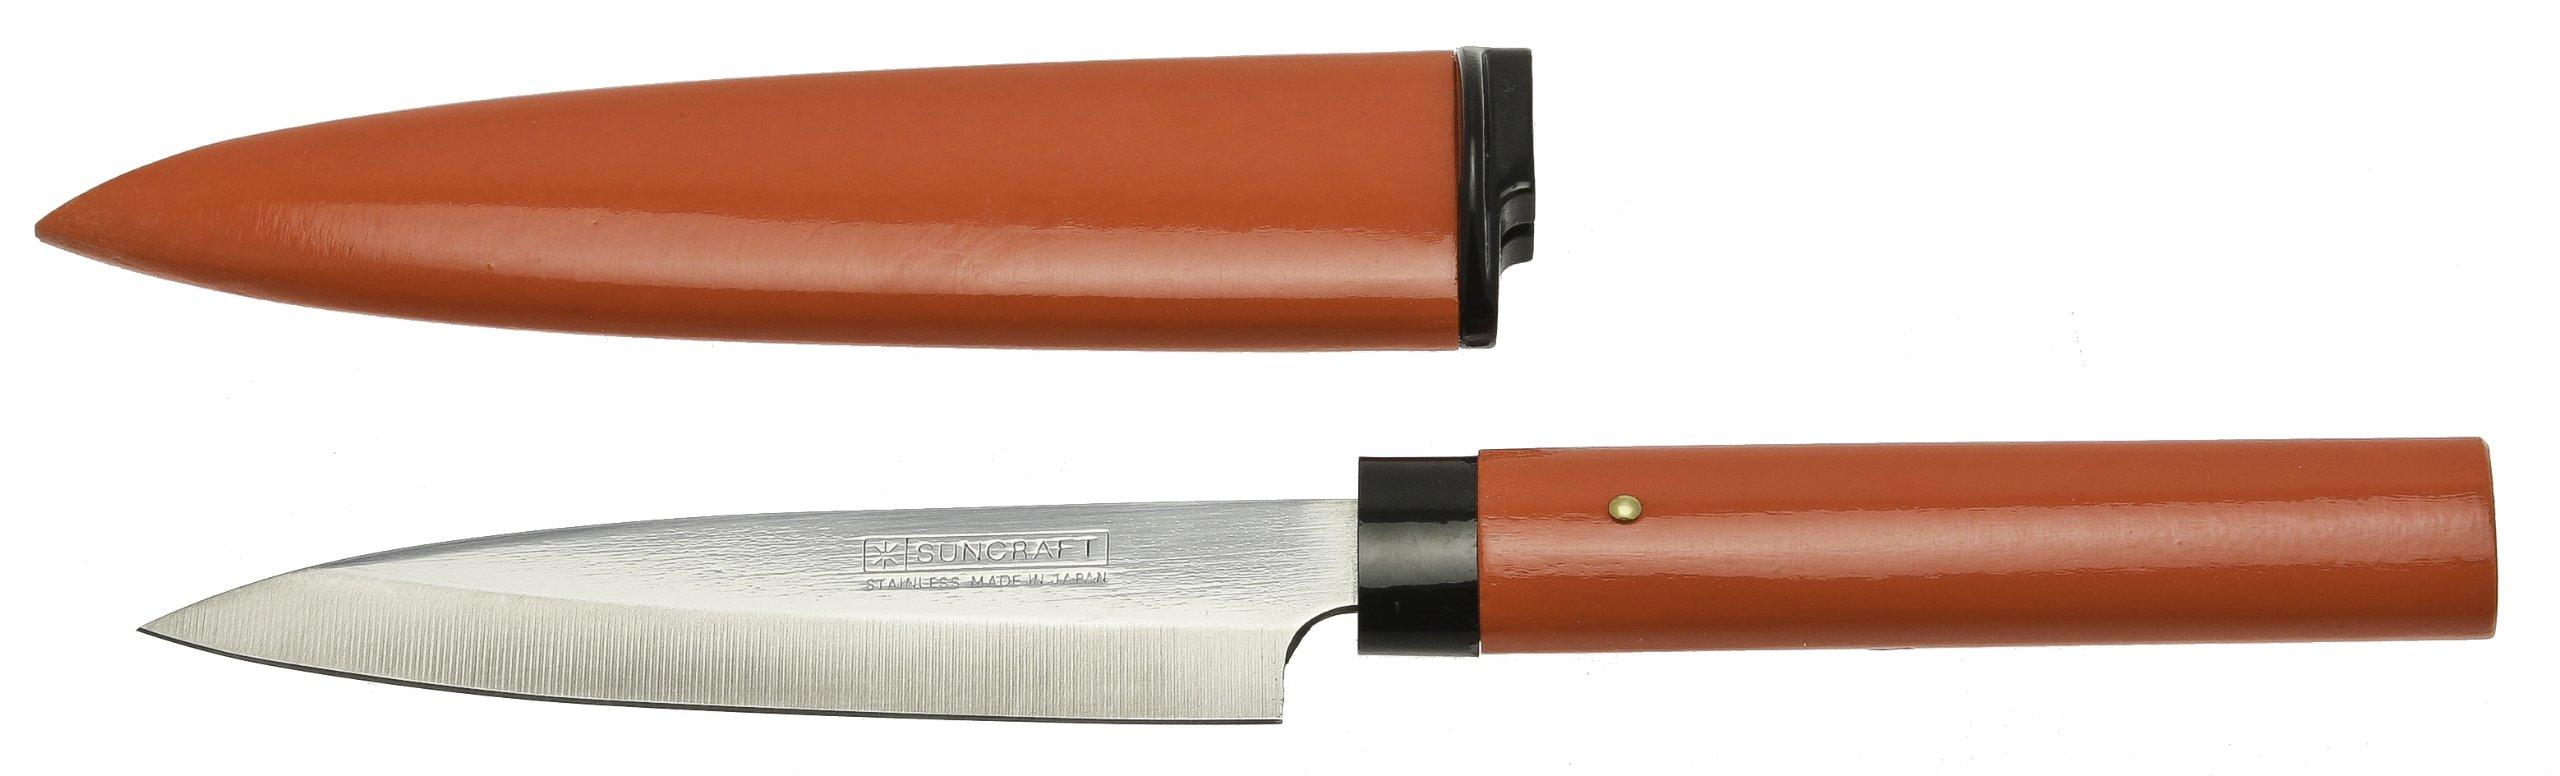 Kotobuki Fruit Knife with Wood Cover, Red